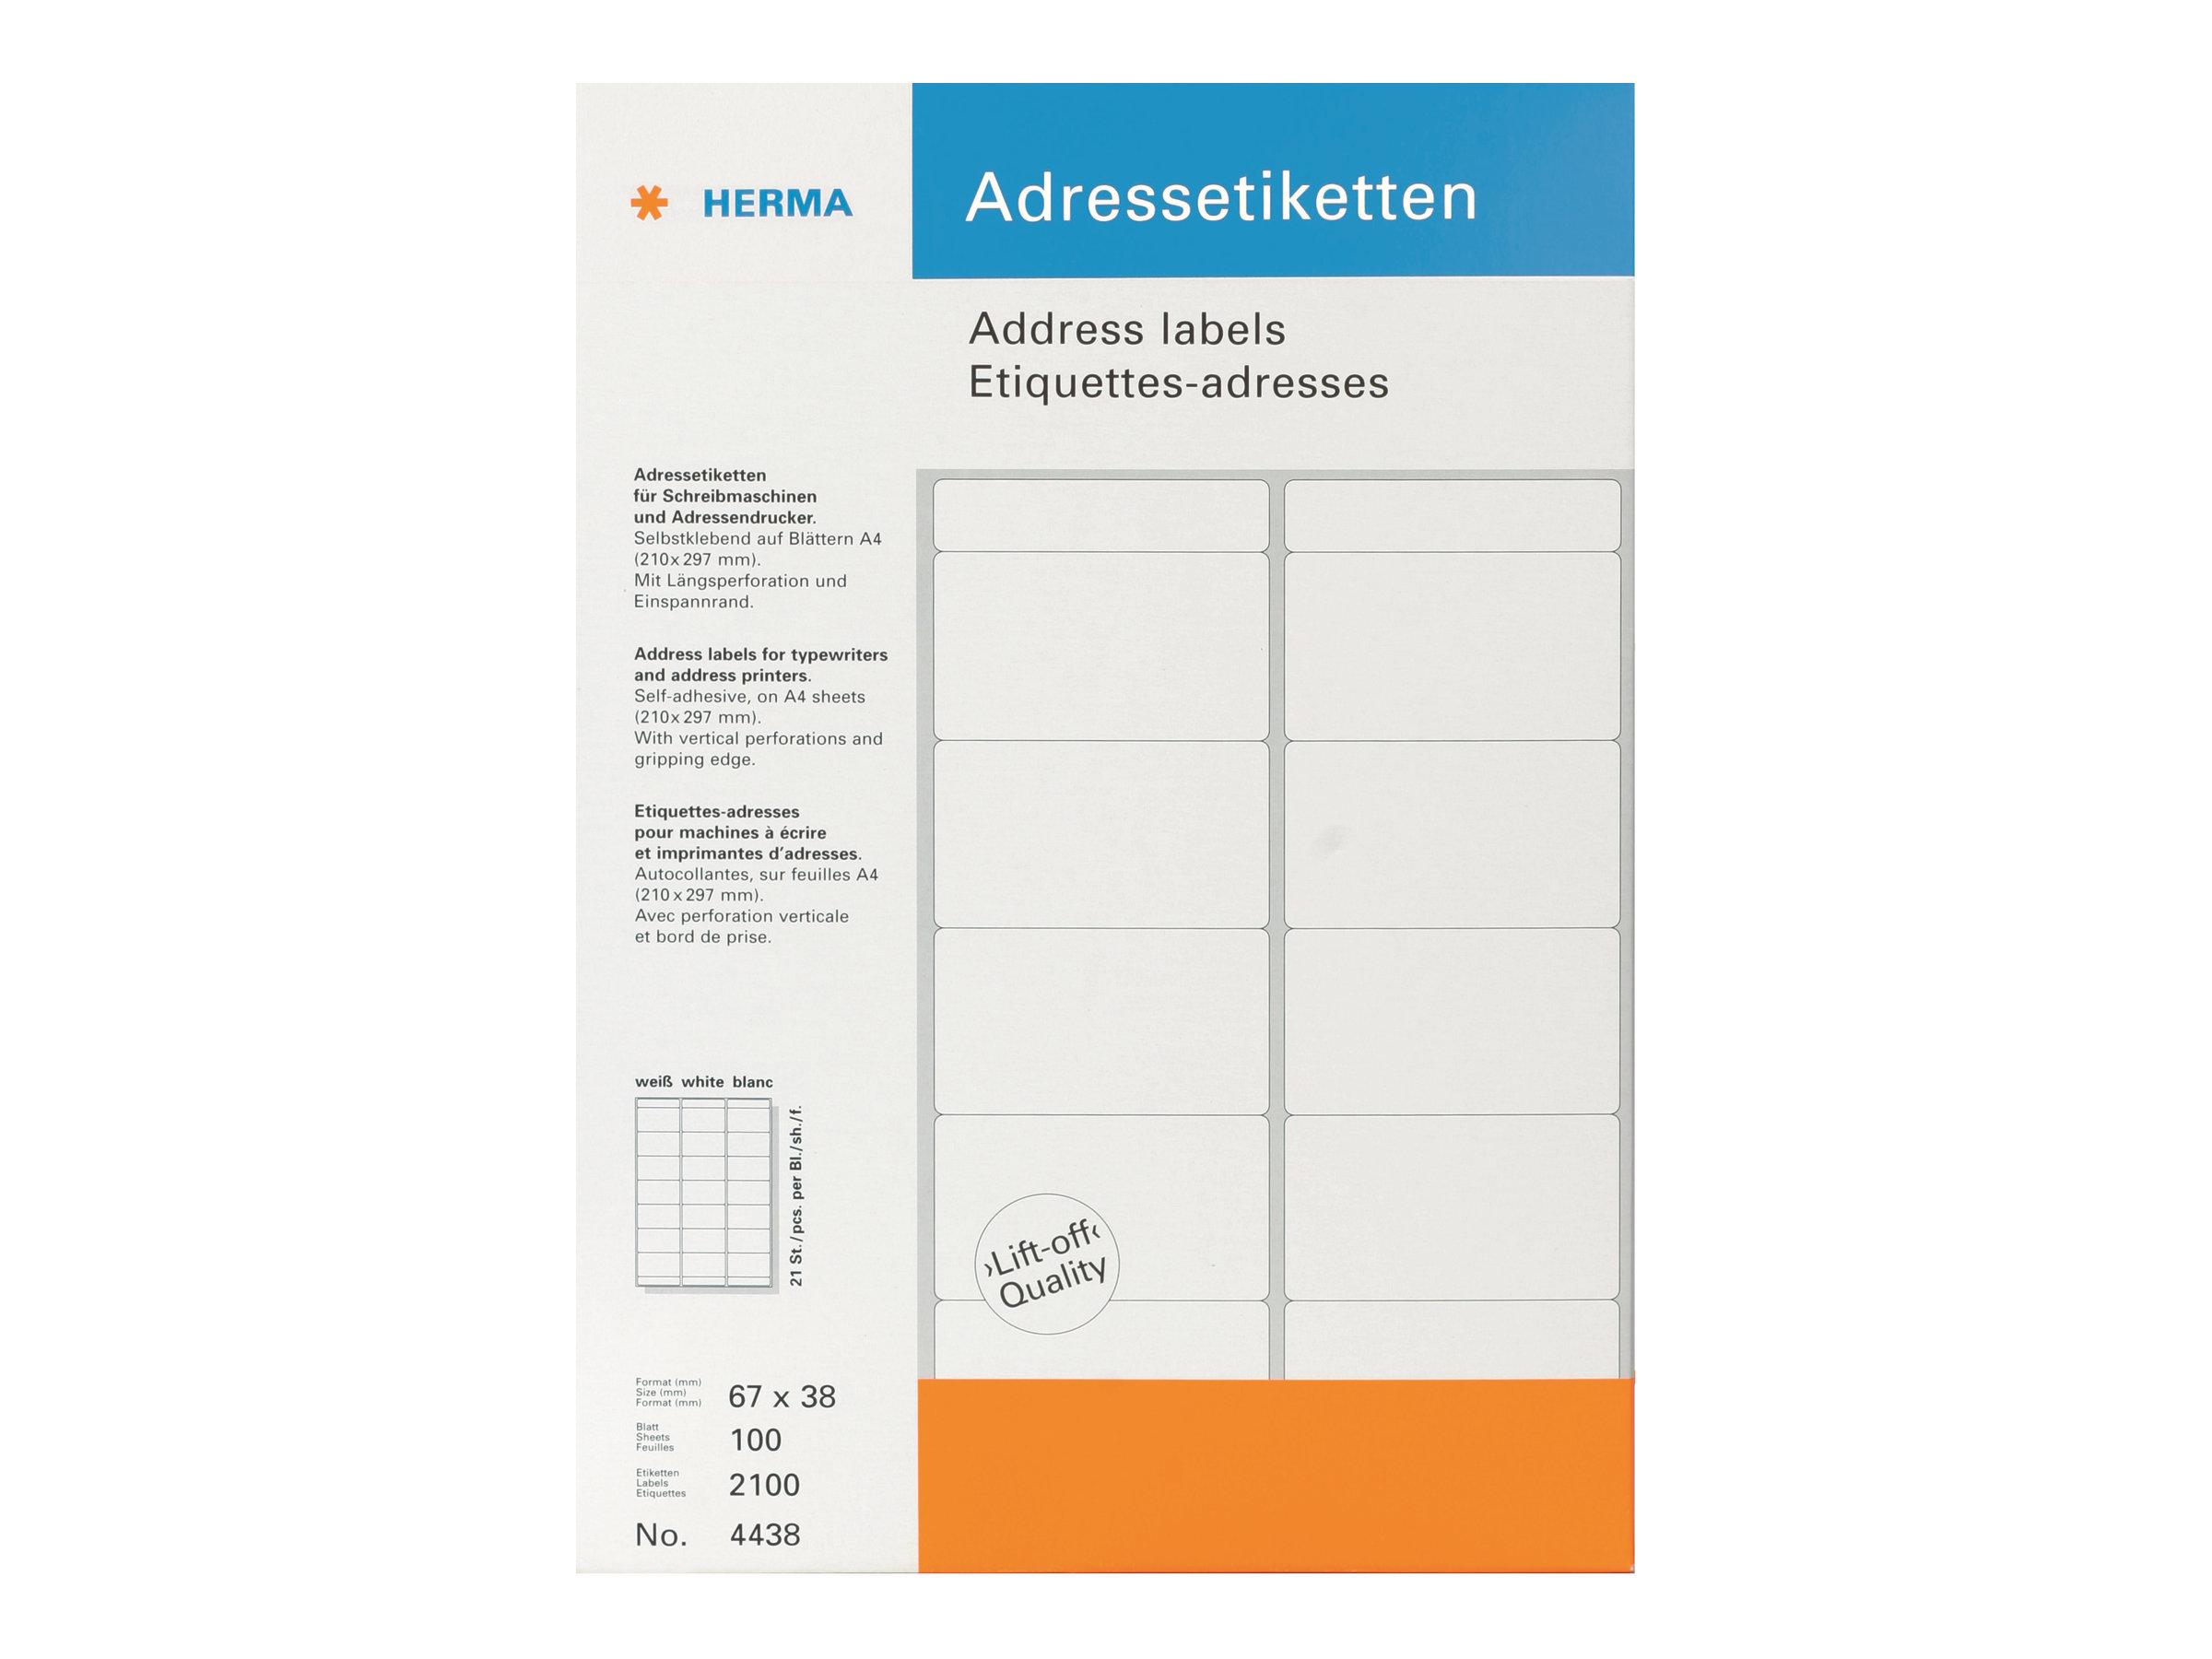 HERMA Selbstklebend - weiß - 67 x 38 mm 2100 Etikett(en) (100 Bogen x 21) Adressetiketten